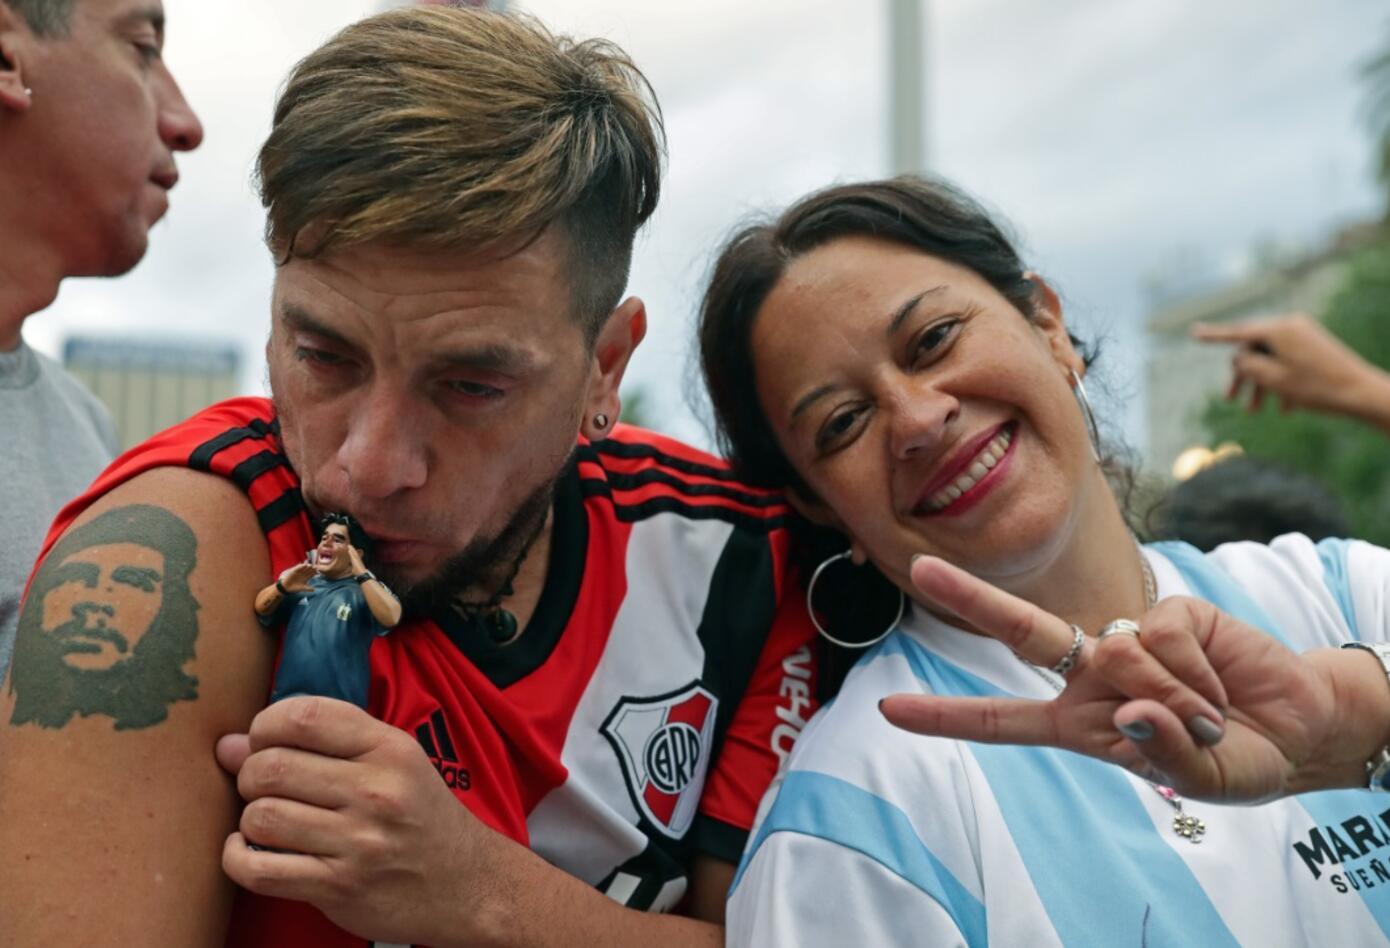 Hinchas argentinos despidiendo a Maradona